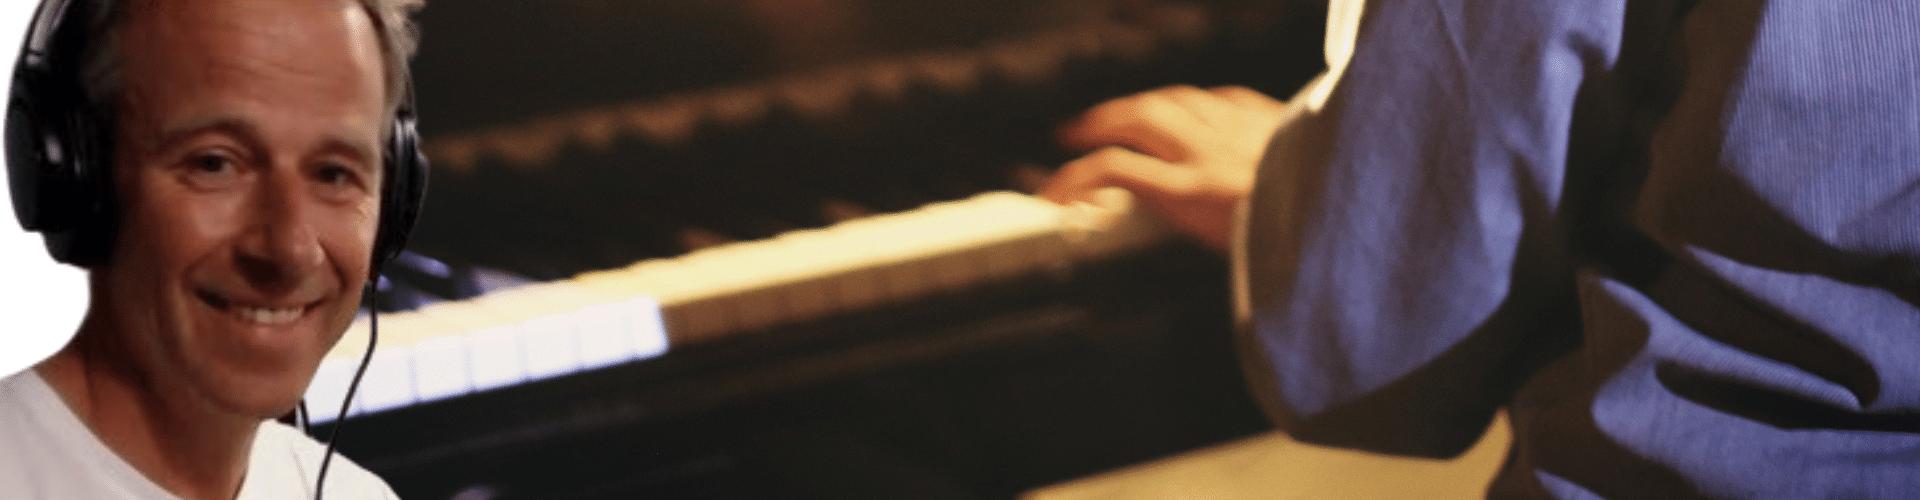 piano leren spelen met Rene